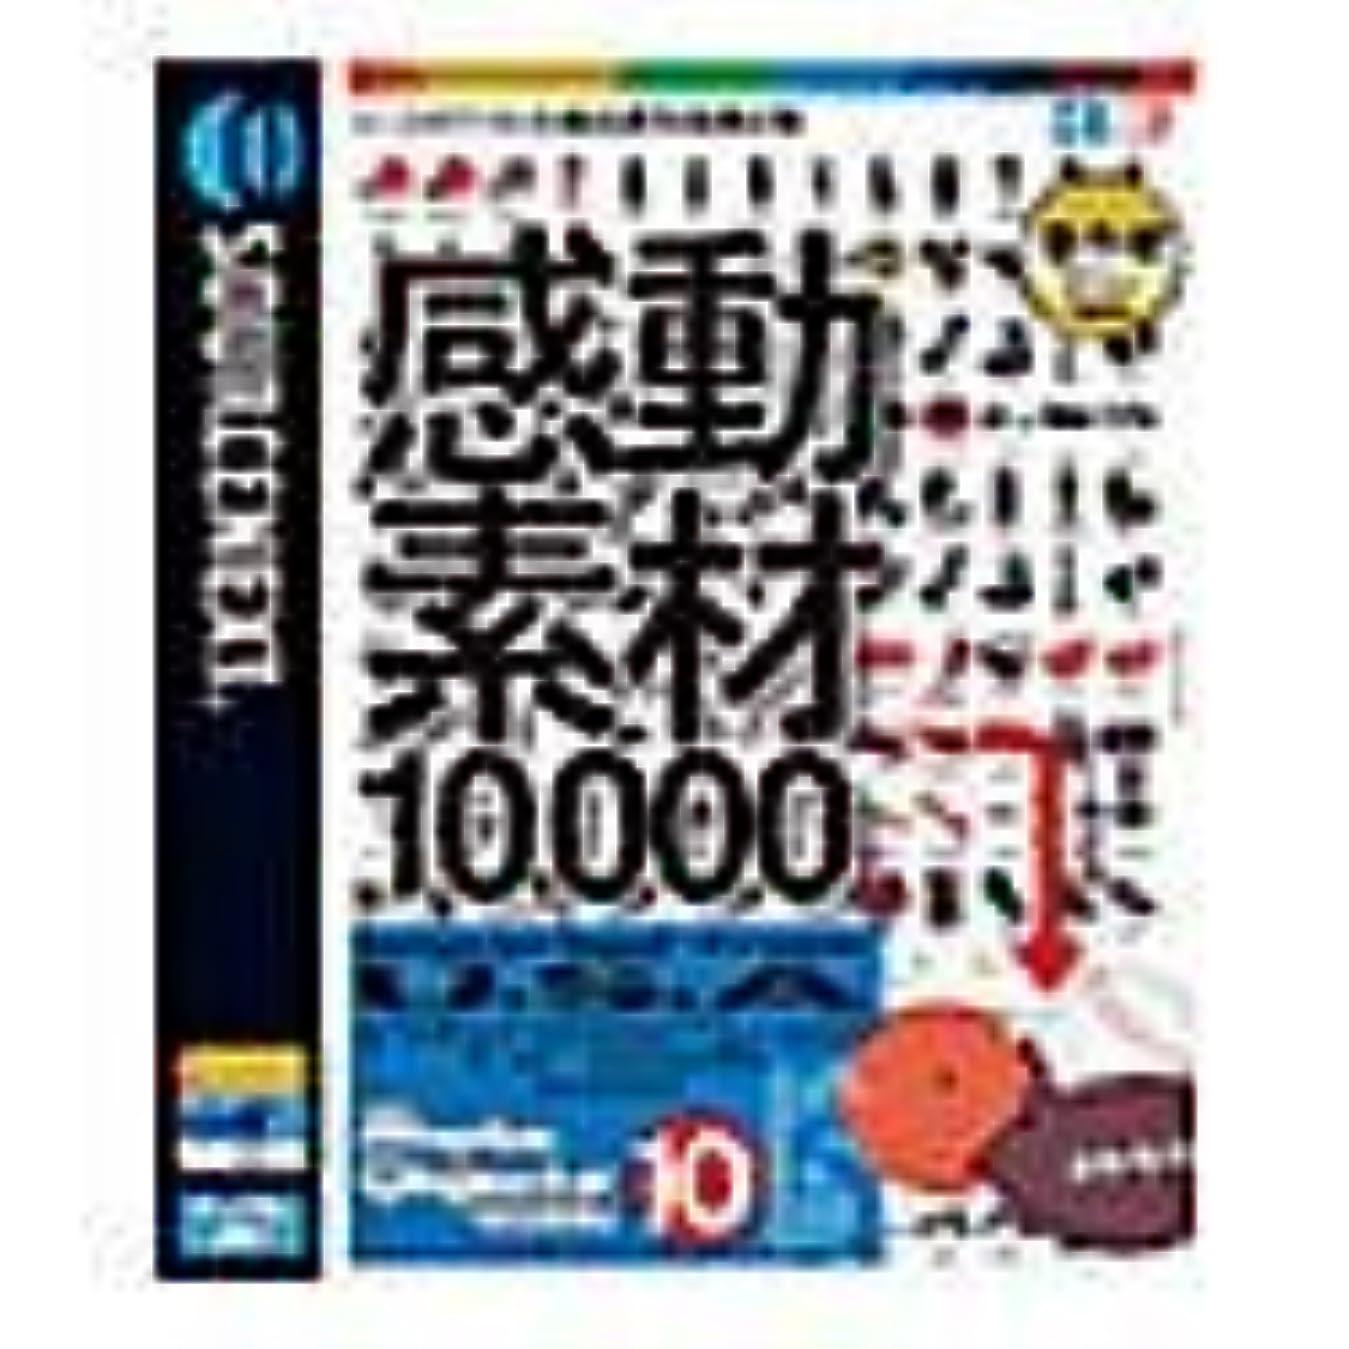 バルーン原子スケッチ感動素材 10000 HEMERA Photo-Objects 10